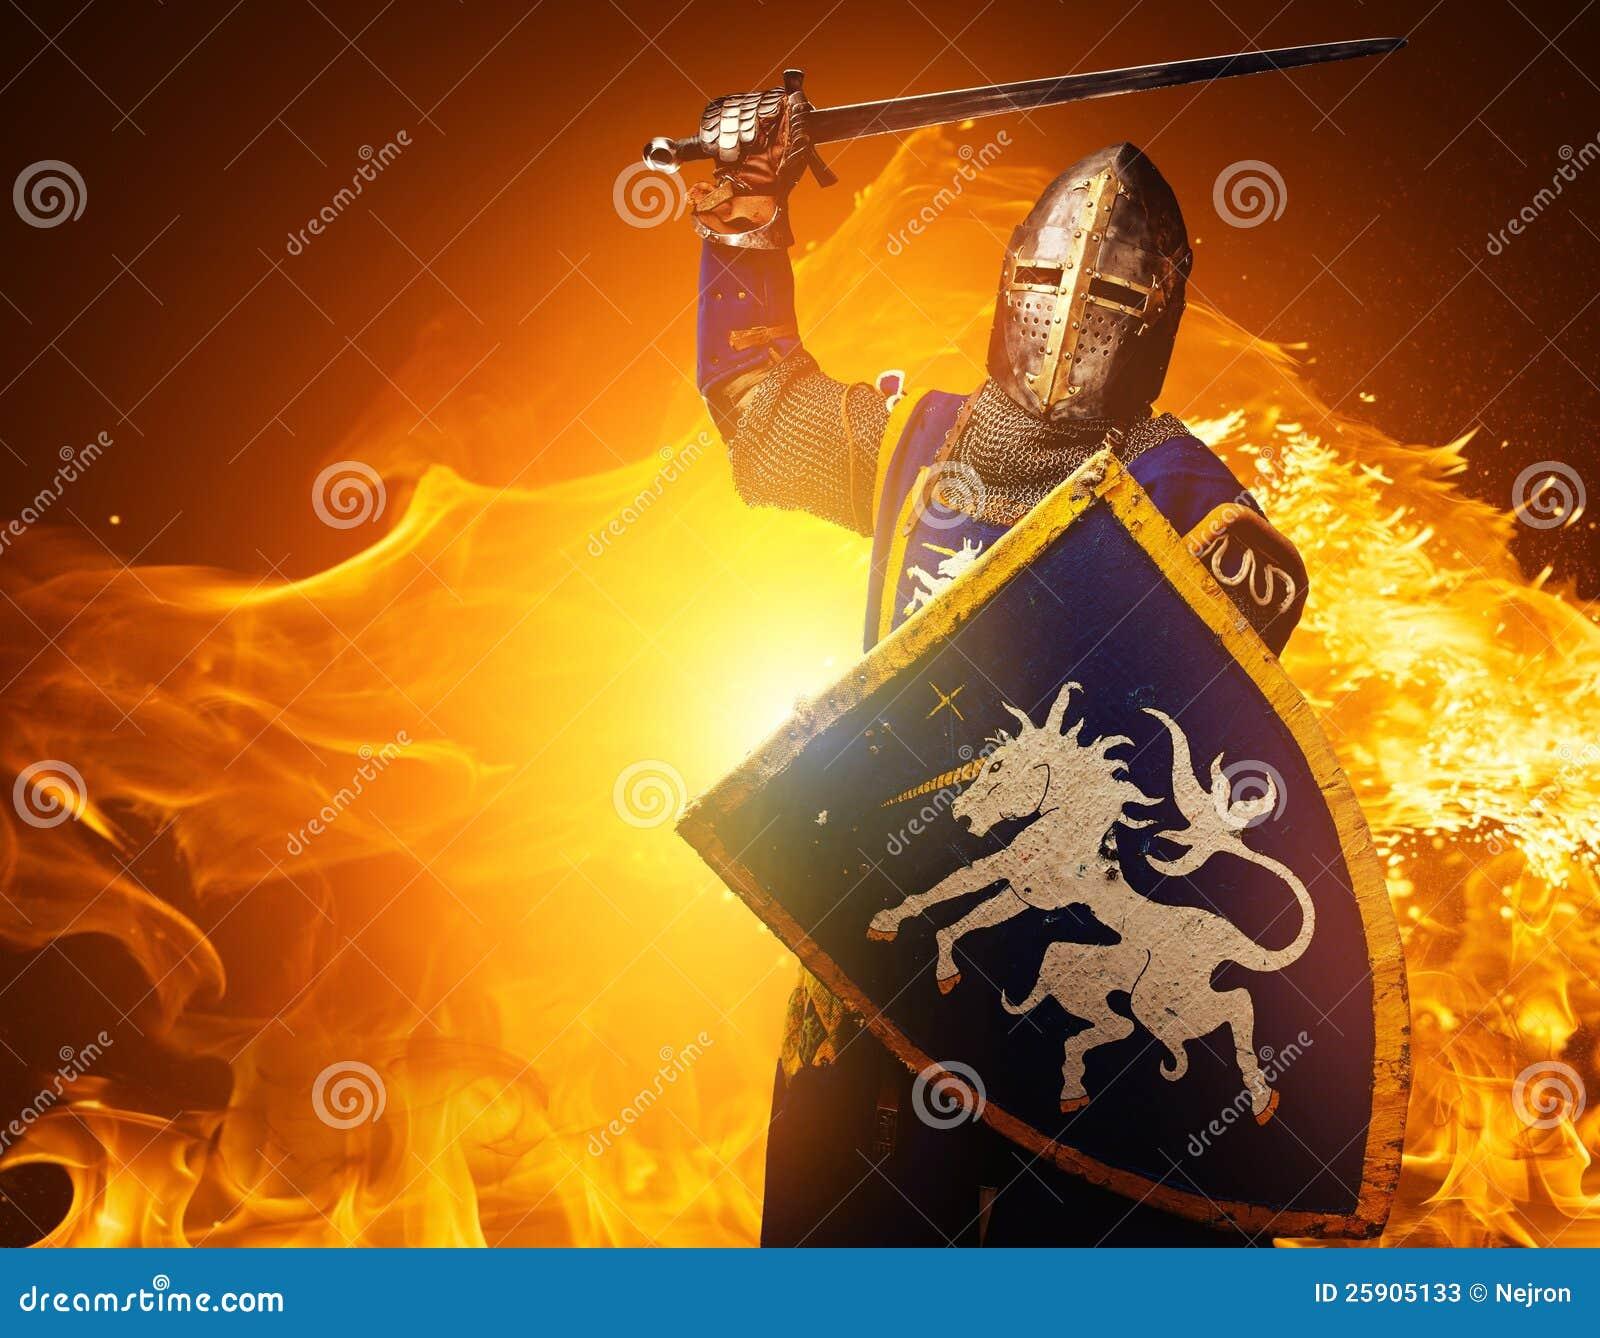 Cavaleiro medieval no fundo do incêndio